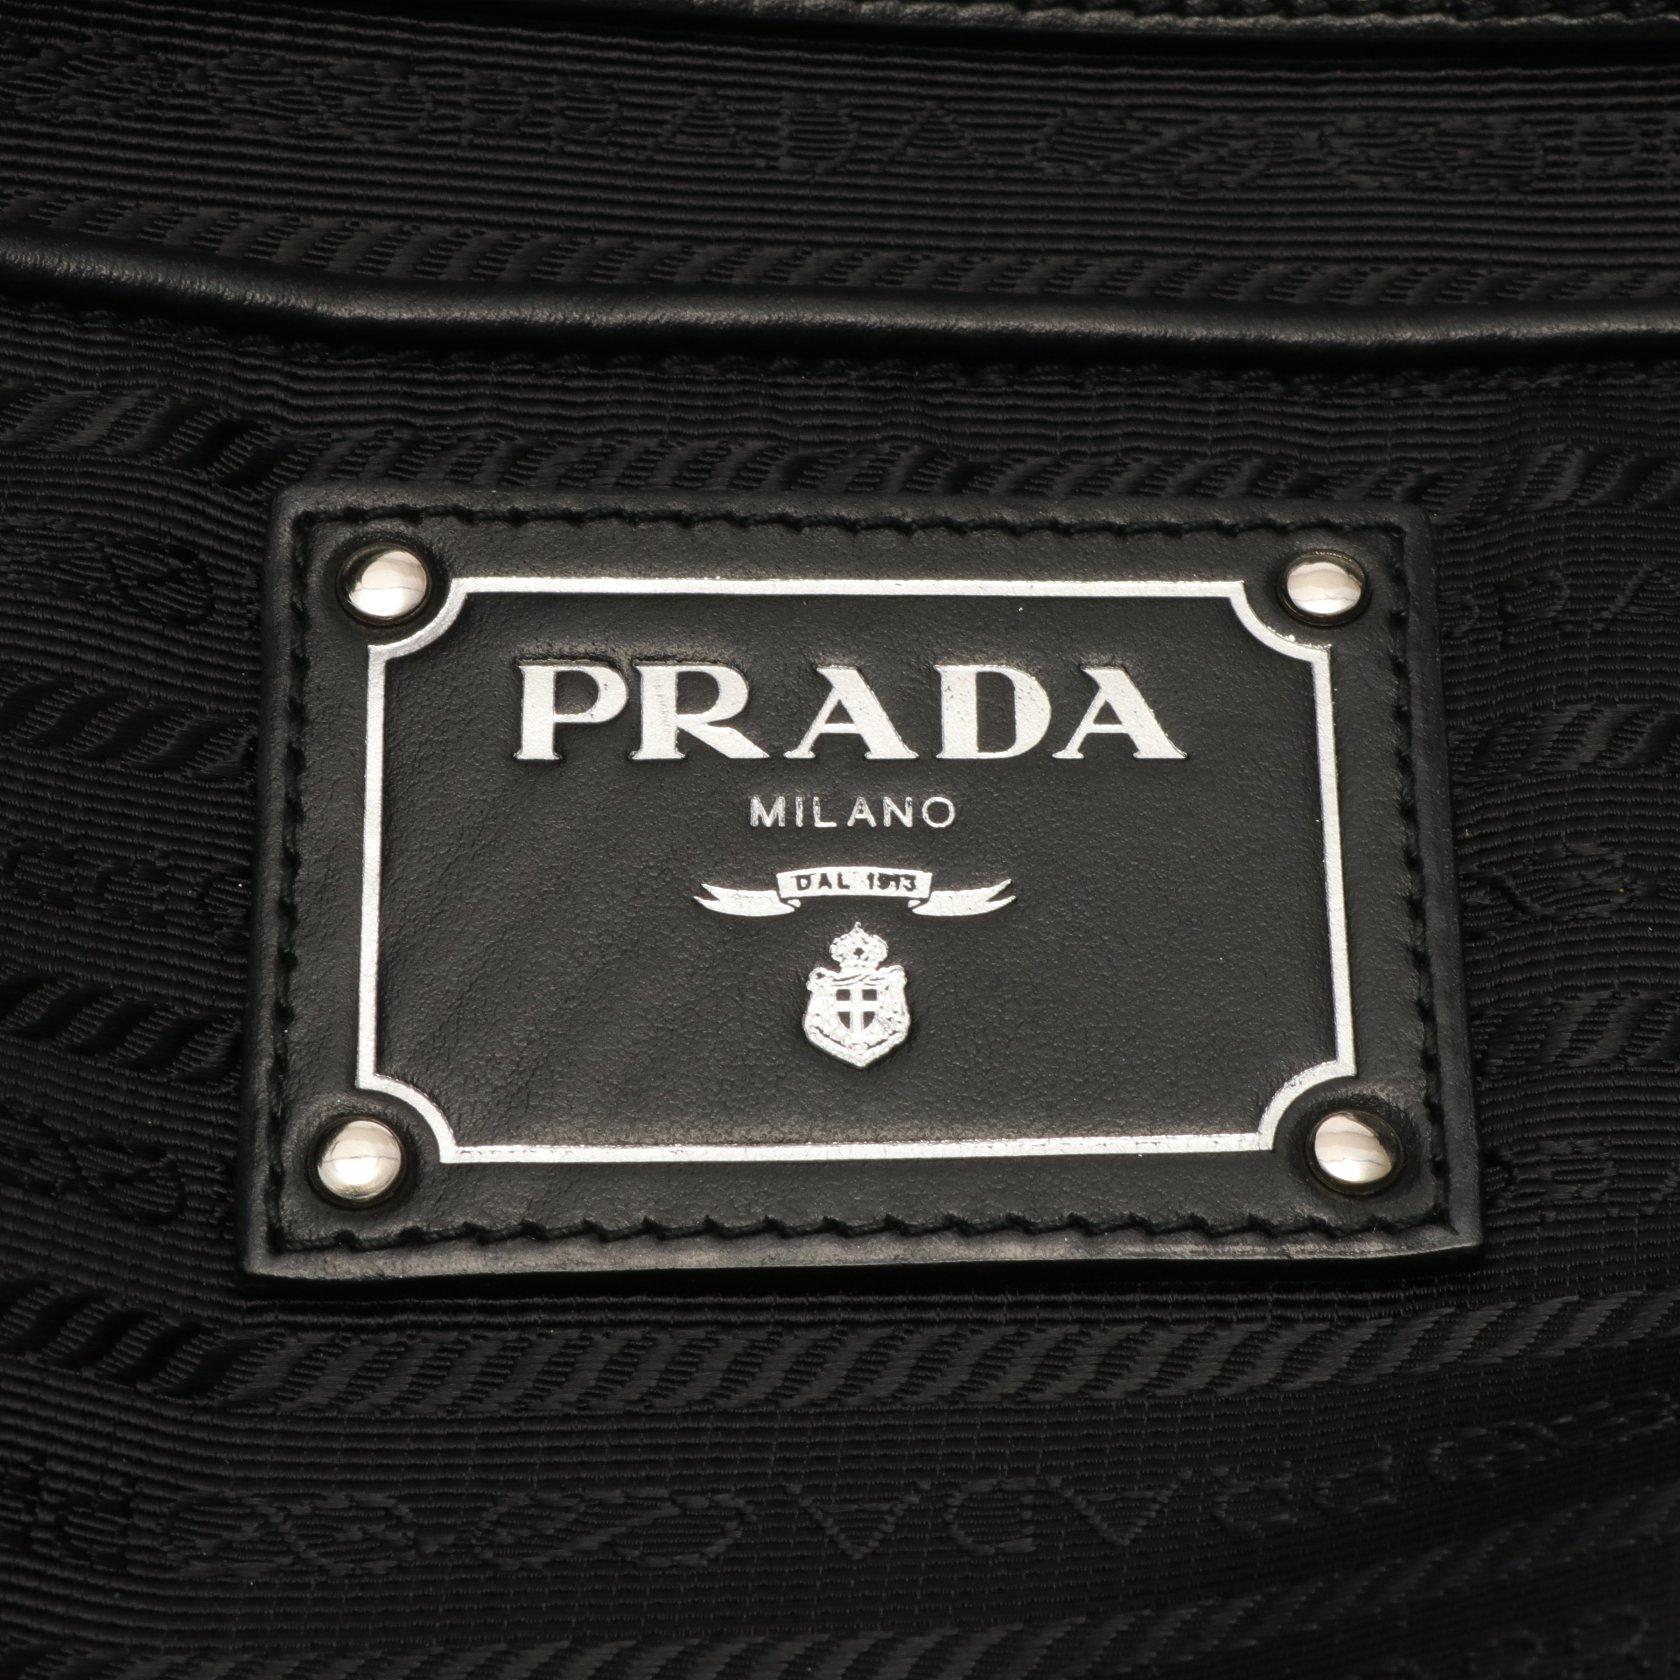 PRADA・バッグ・ ショルダーバッグ トートバッグ ナイロン レザー ブラック